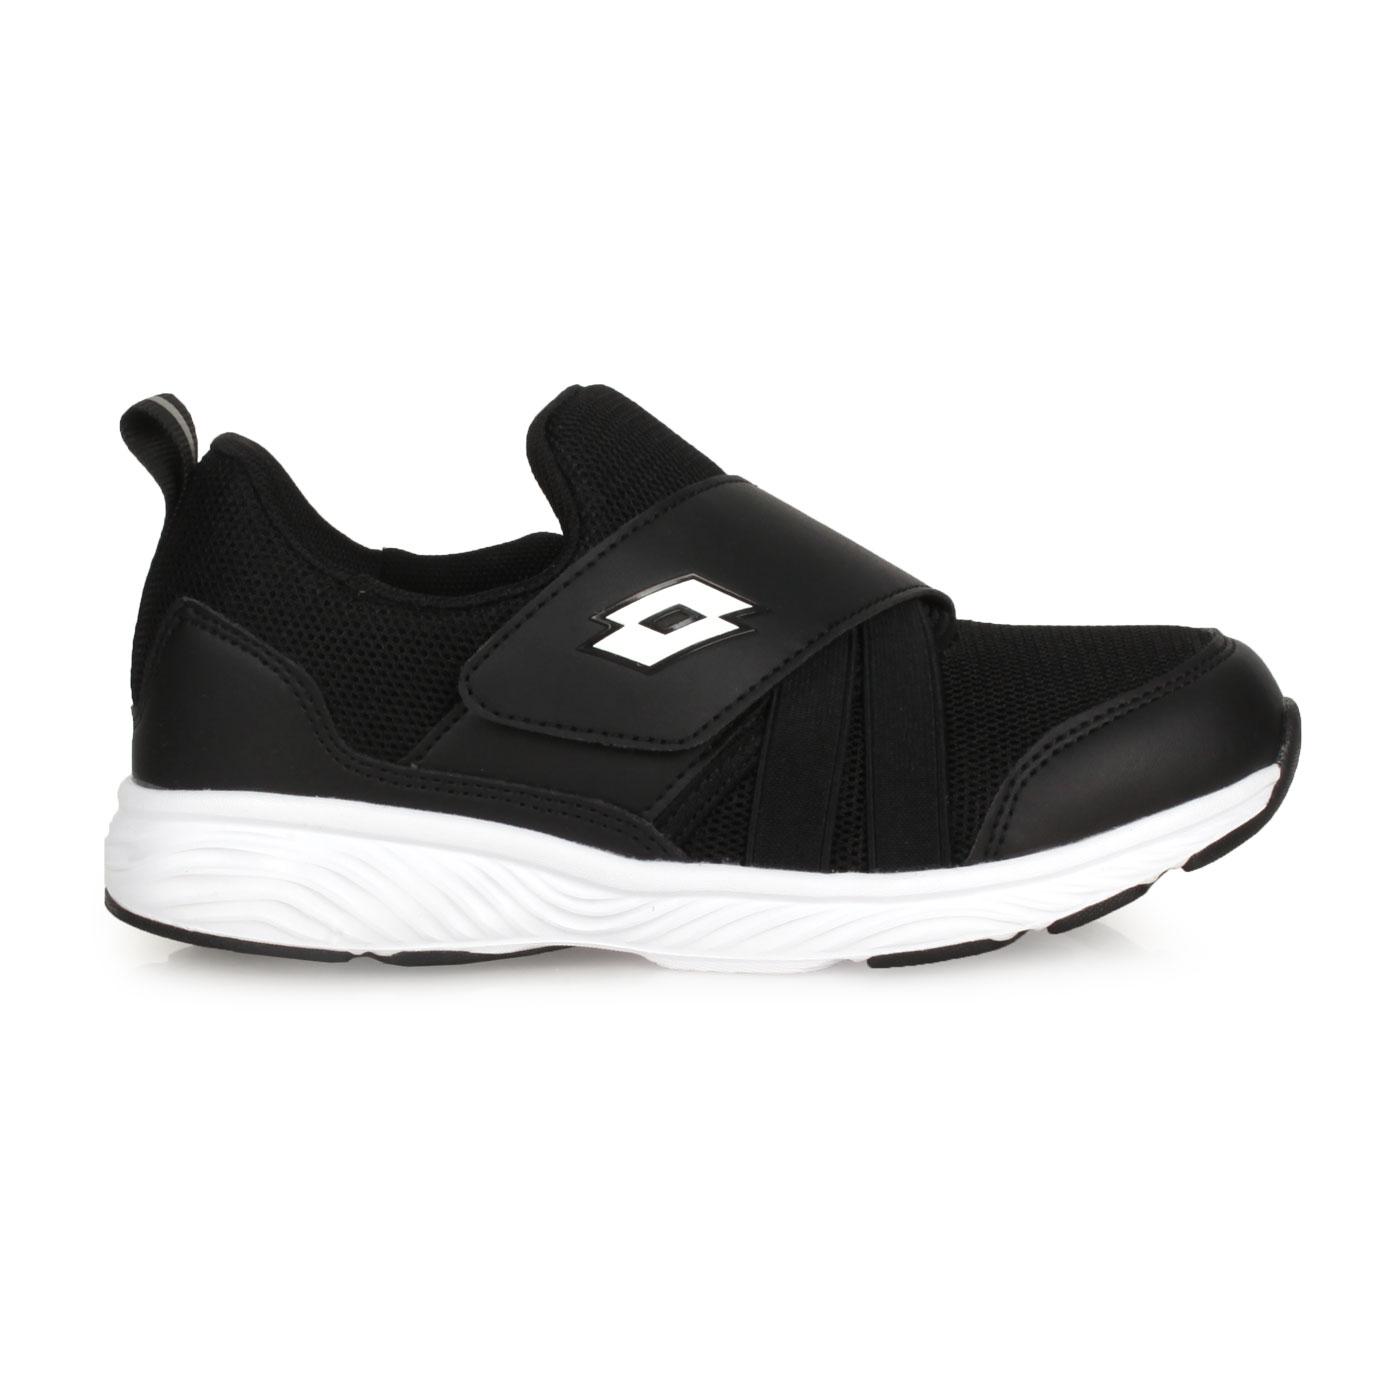 LOTTO 大童活力輕跑鞋 LT0AKR1780 - 黑白